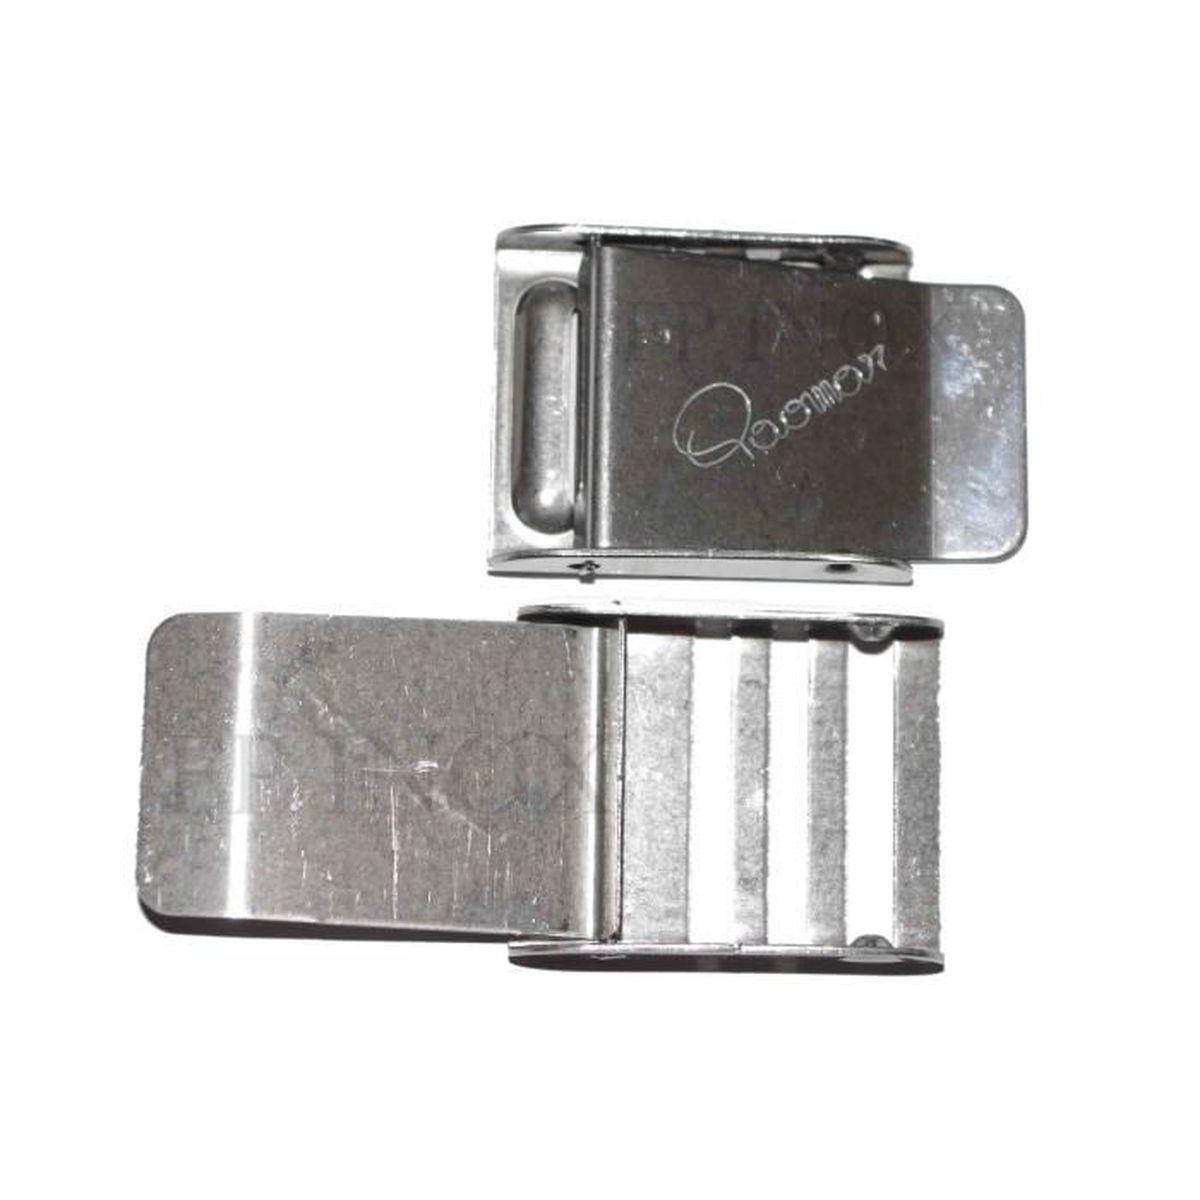 Boucle Réglable inox Pour Sangle 40mm - Achat   Vente sandow ... 02ab0c765b4